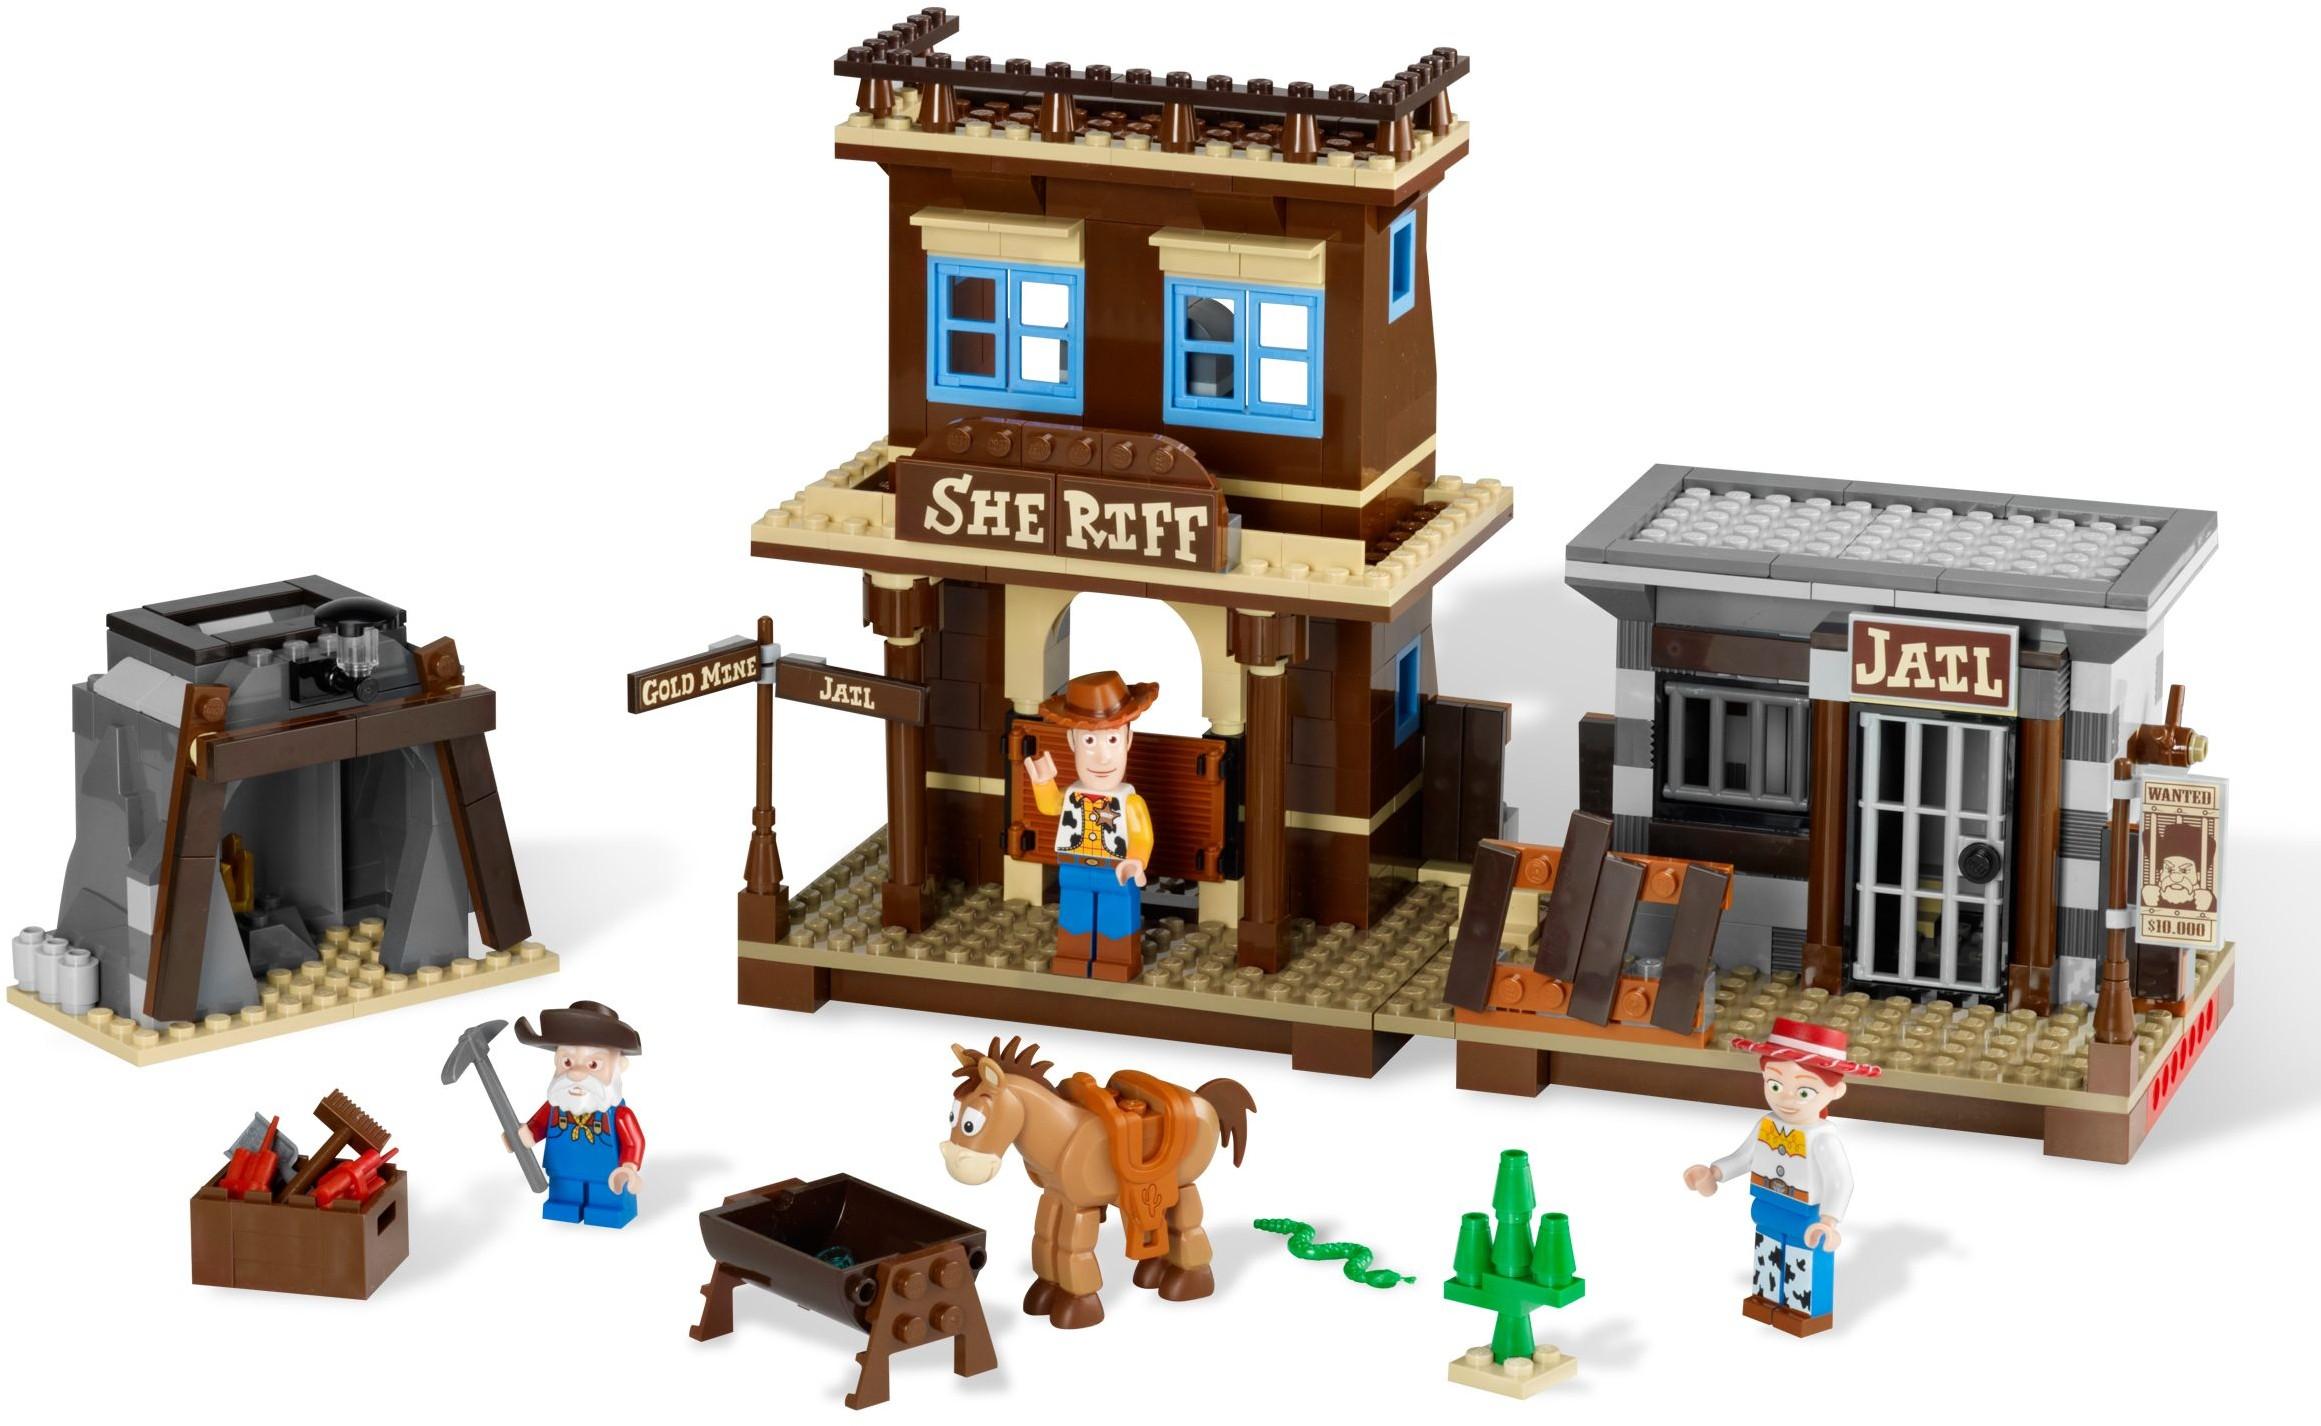 Toy Story Brickset Lego Set Guide And Database